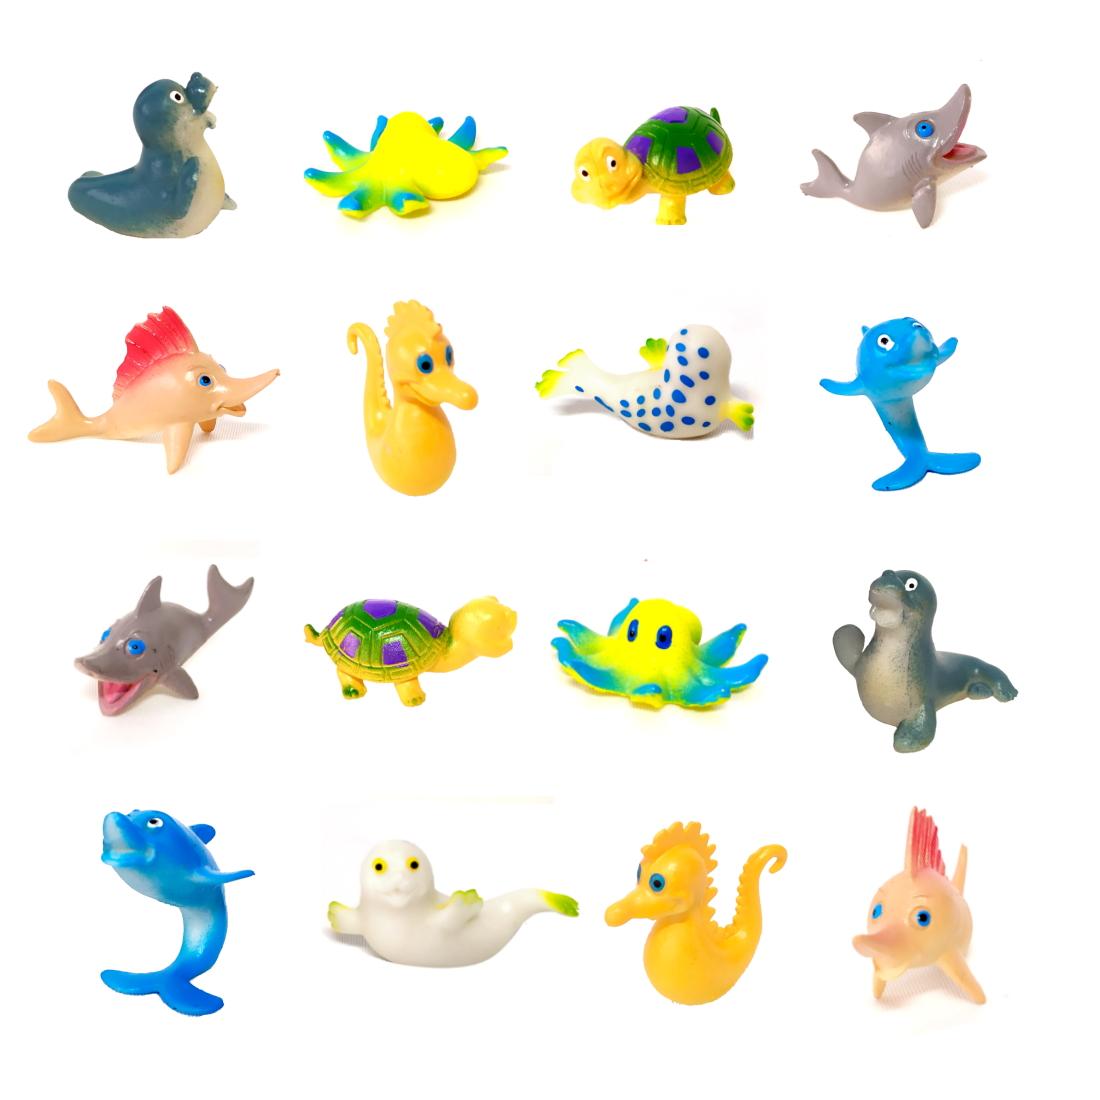 Kit de Animais Marinhos com 18 Bichos do Oceano